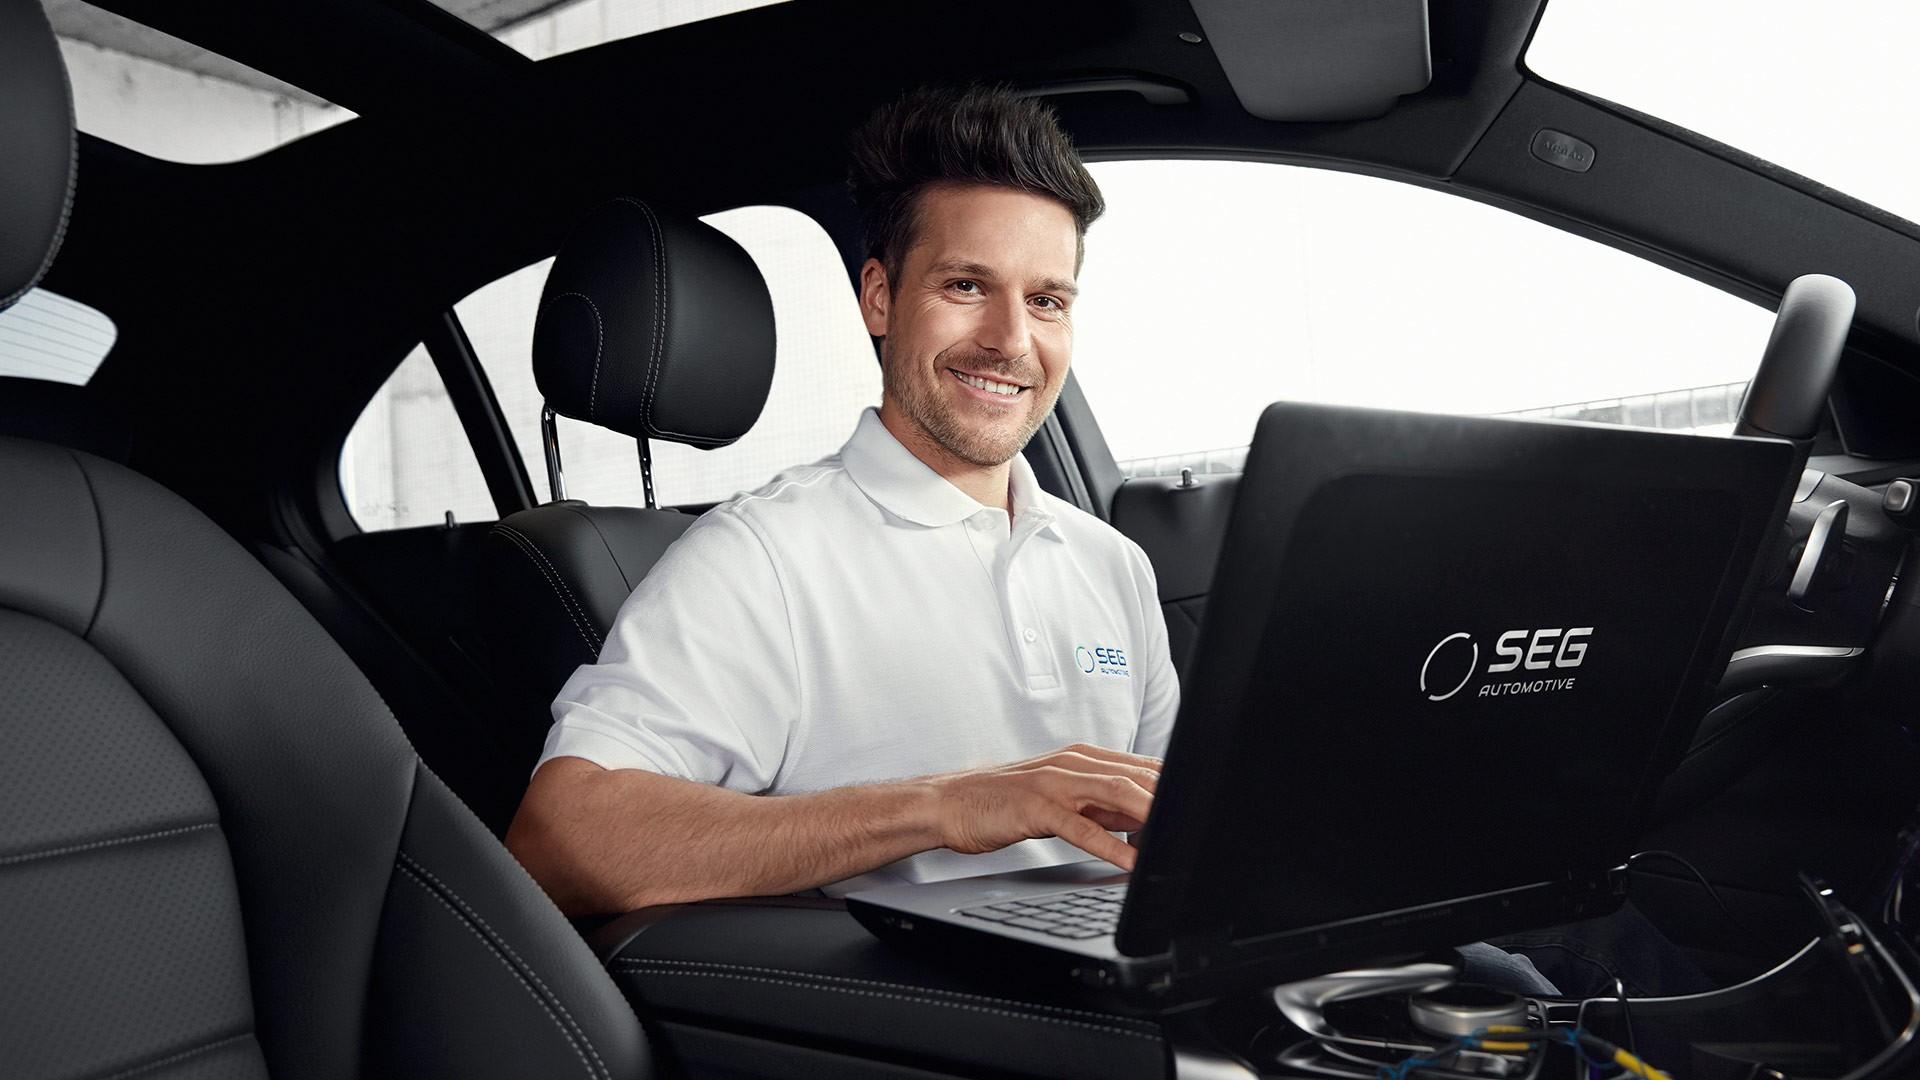 工程师通过笔记本电脑测试车辆